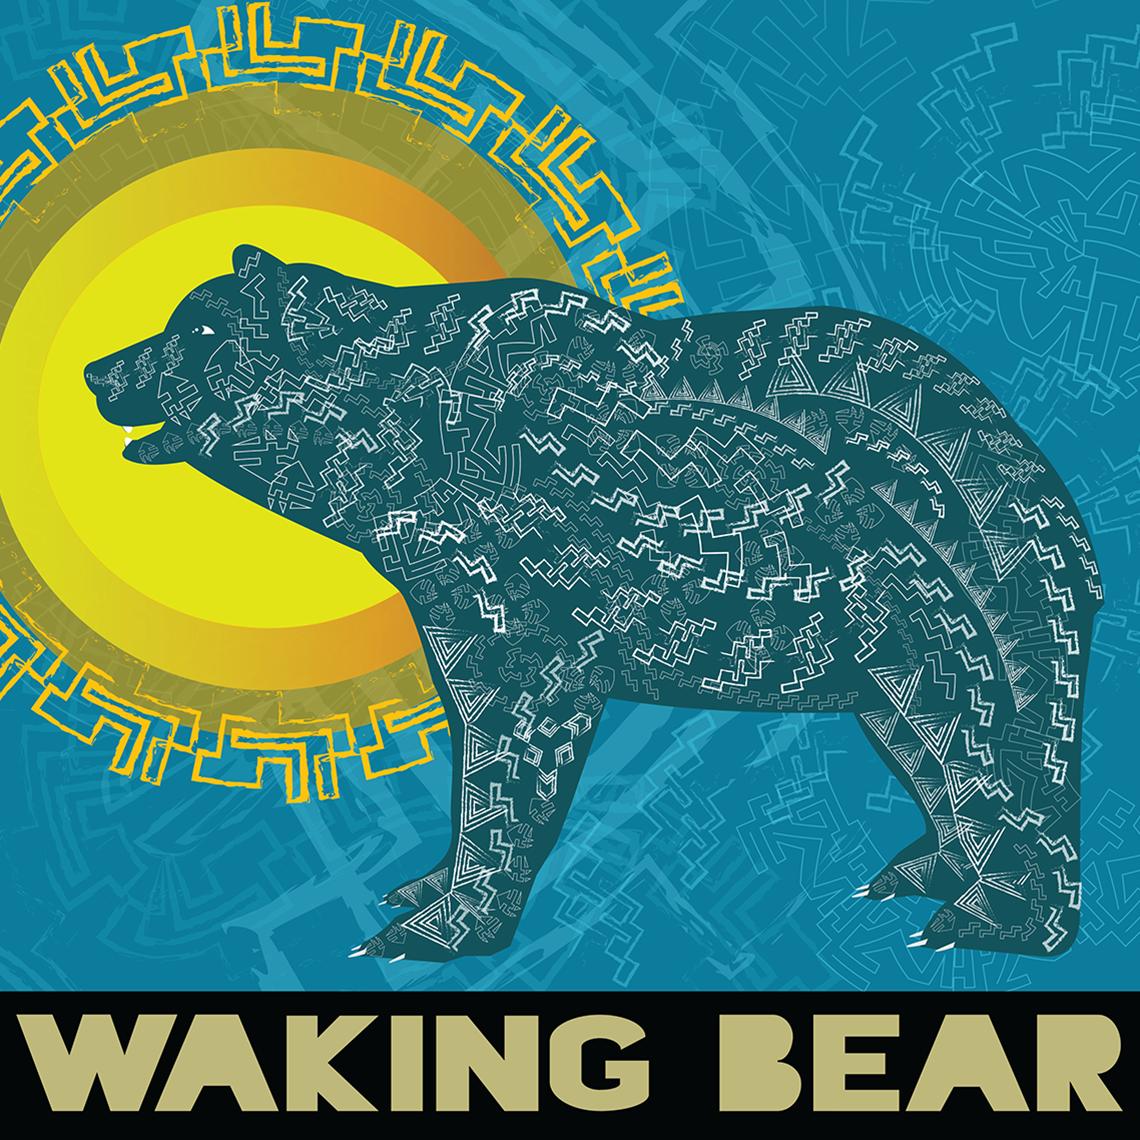 Waking Bear